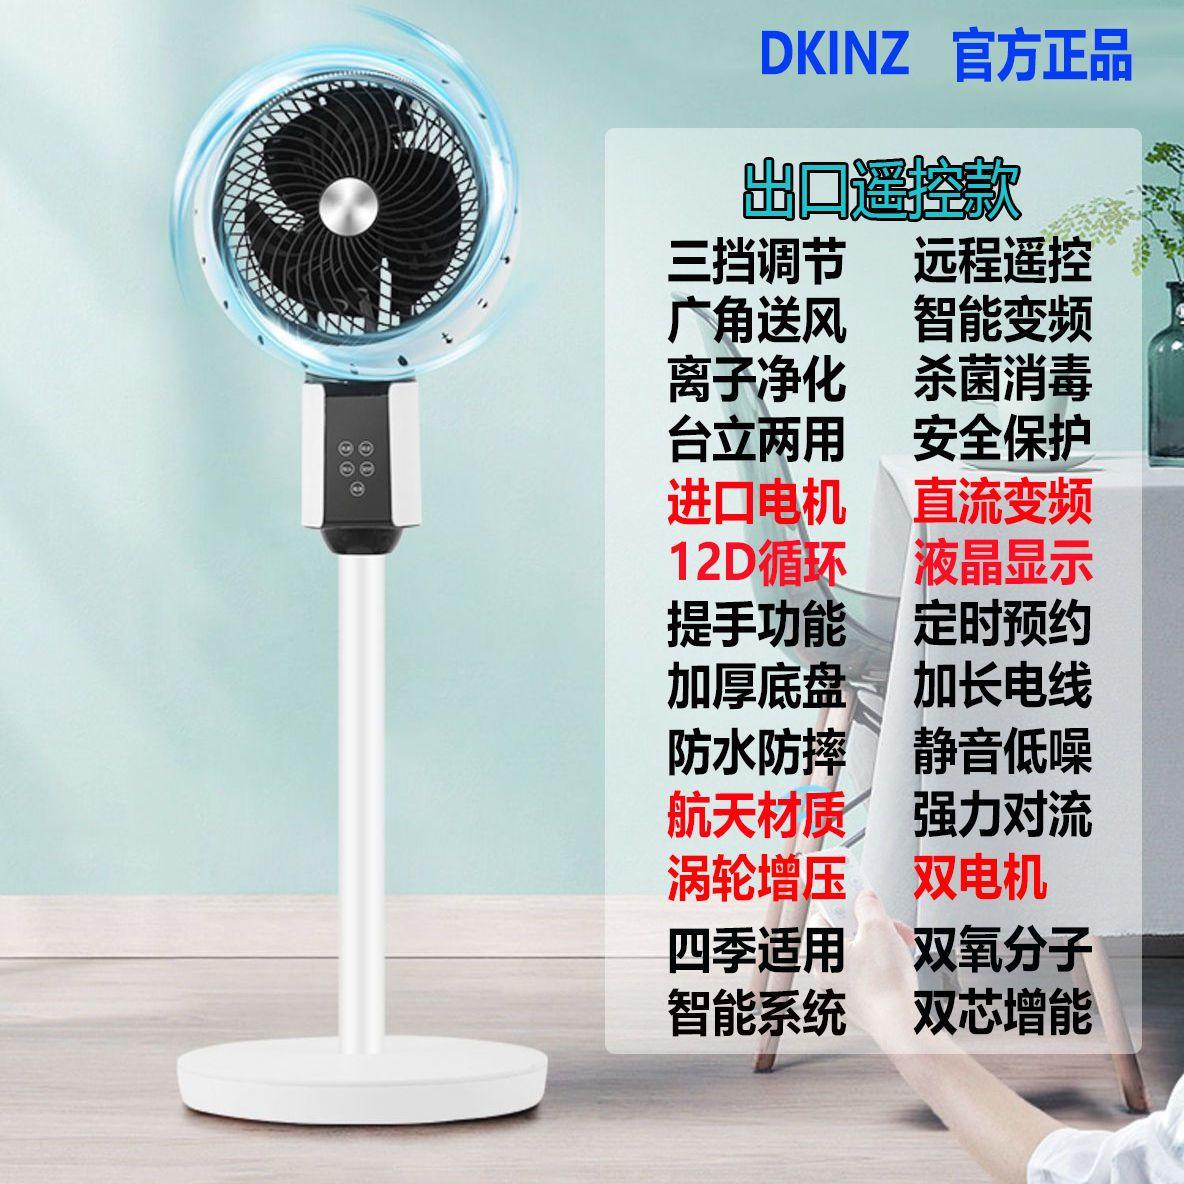 空气循环扇家用静音台式两用摇头定时省电风扇落地扇